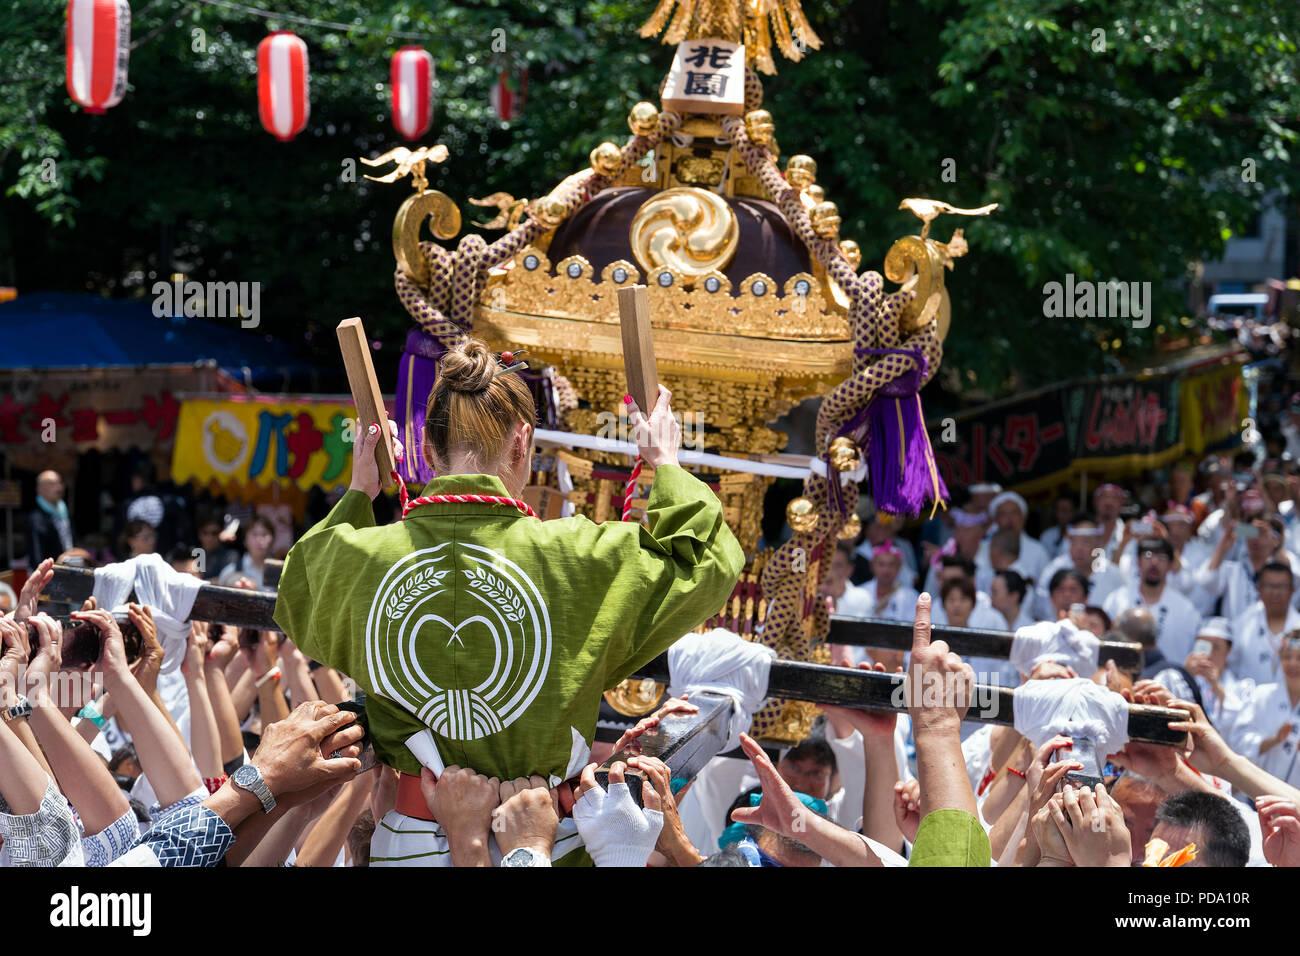 La isla de Japón, Honshu, Kanto, Tokio, Santuario Hanazono Grand Festival. Imagen De Stock